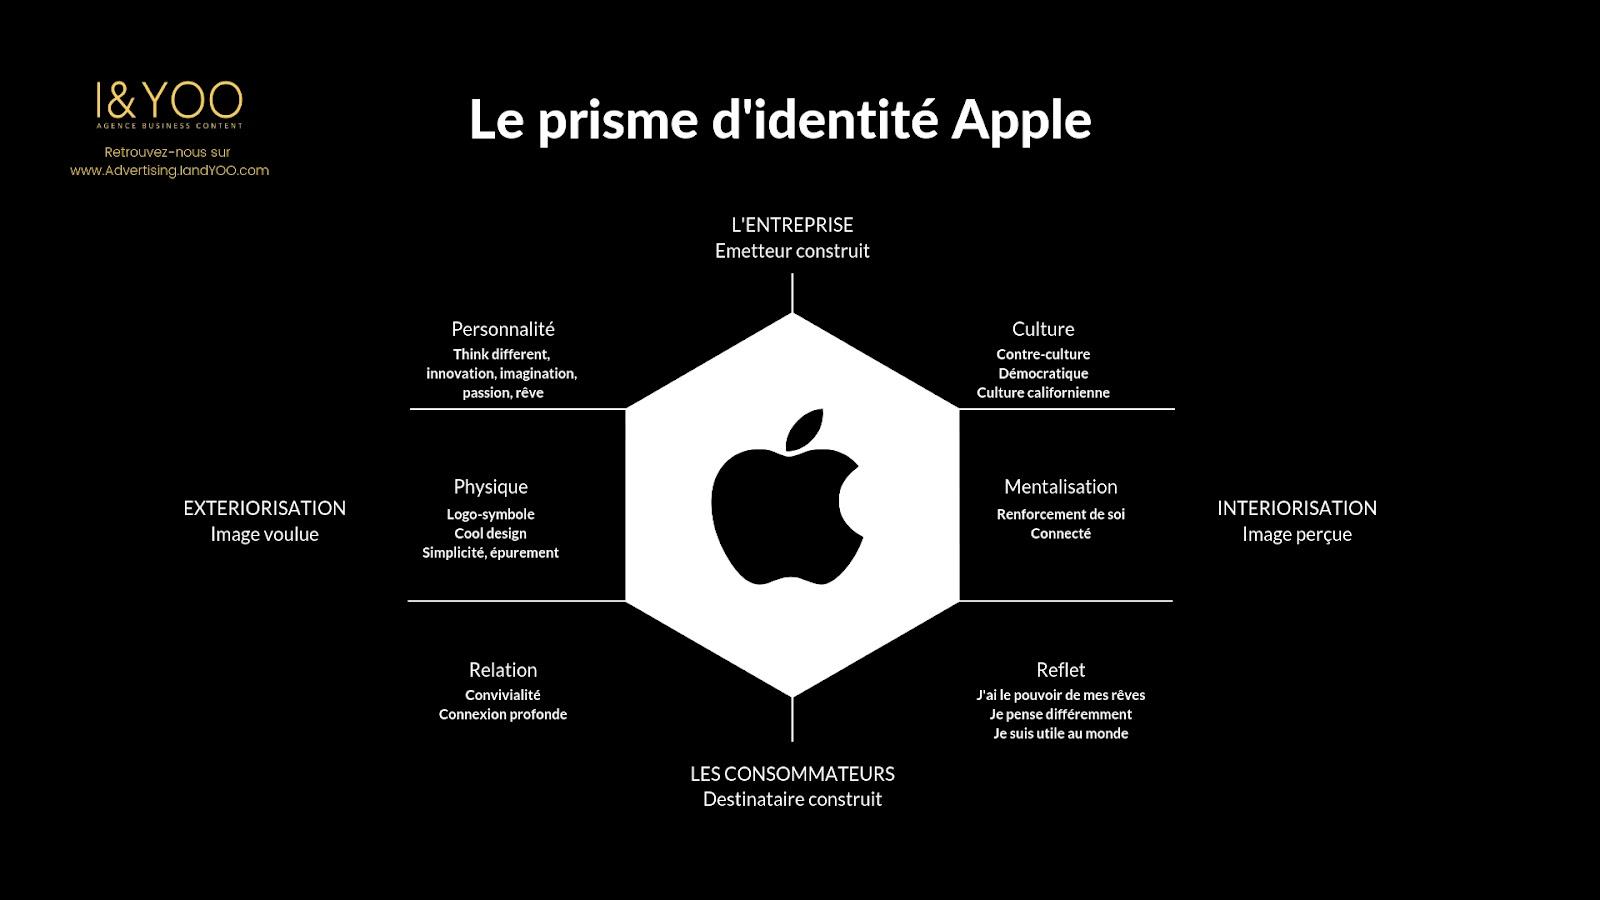 Plateforme de marque - prisme d'identité Apple